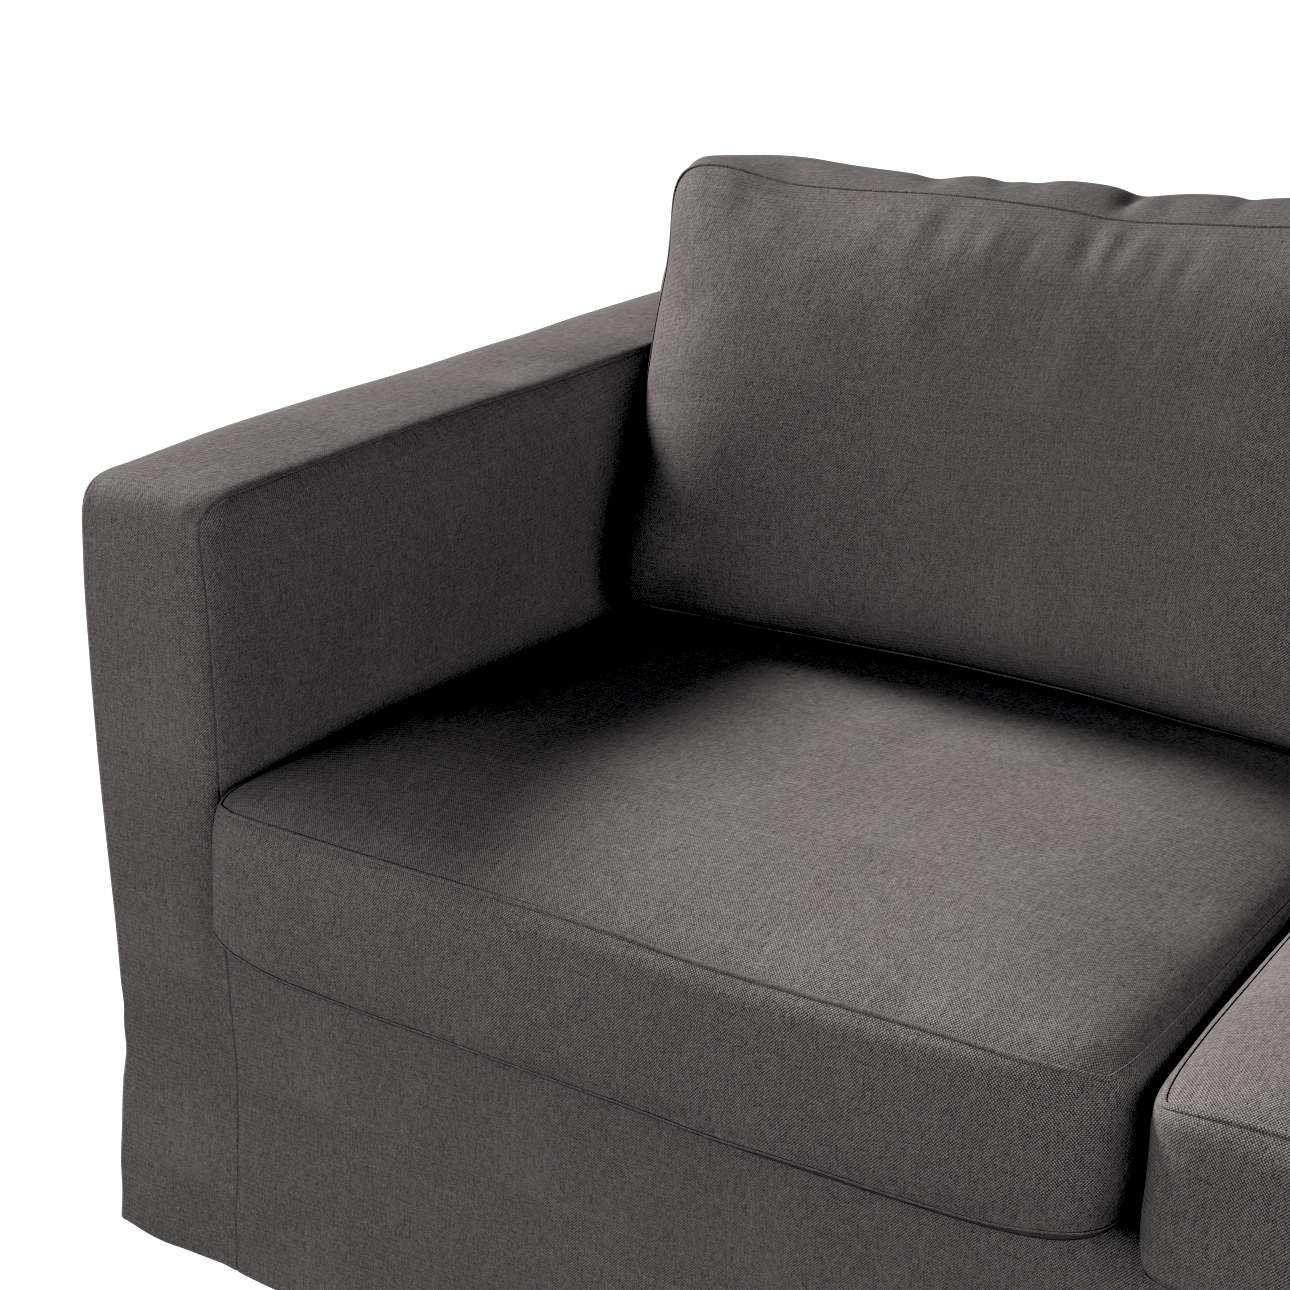 Pokrowiec na sofę Karlstad 2-osobową nierozkładaną długi w kolekcji Etna, tkanina: 705-35